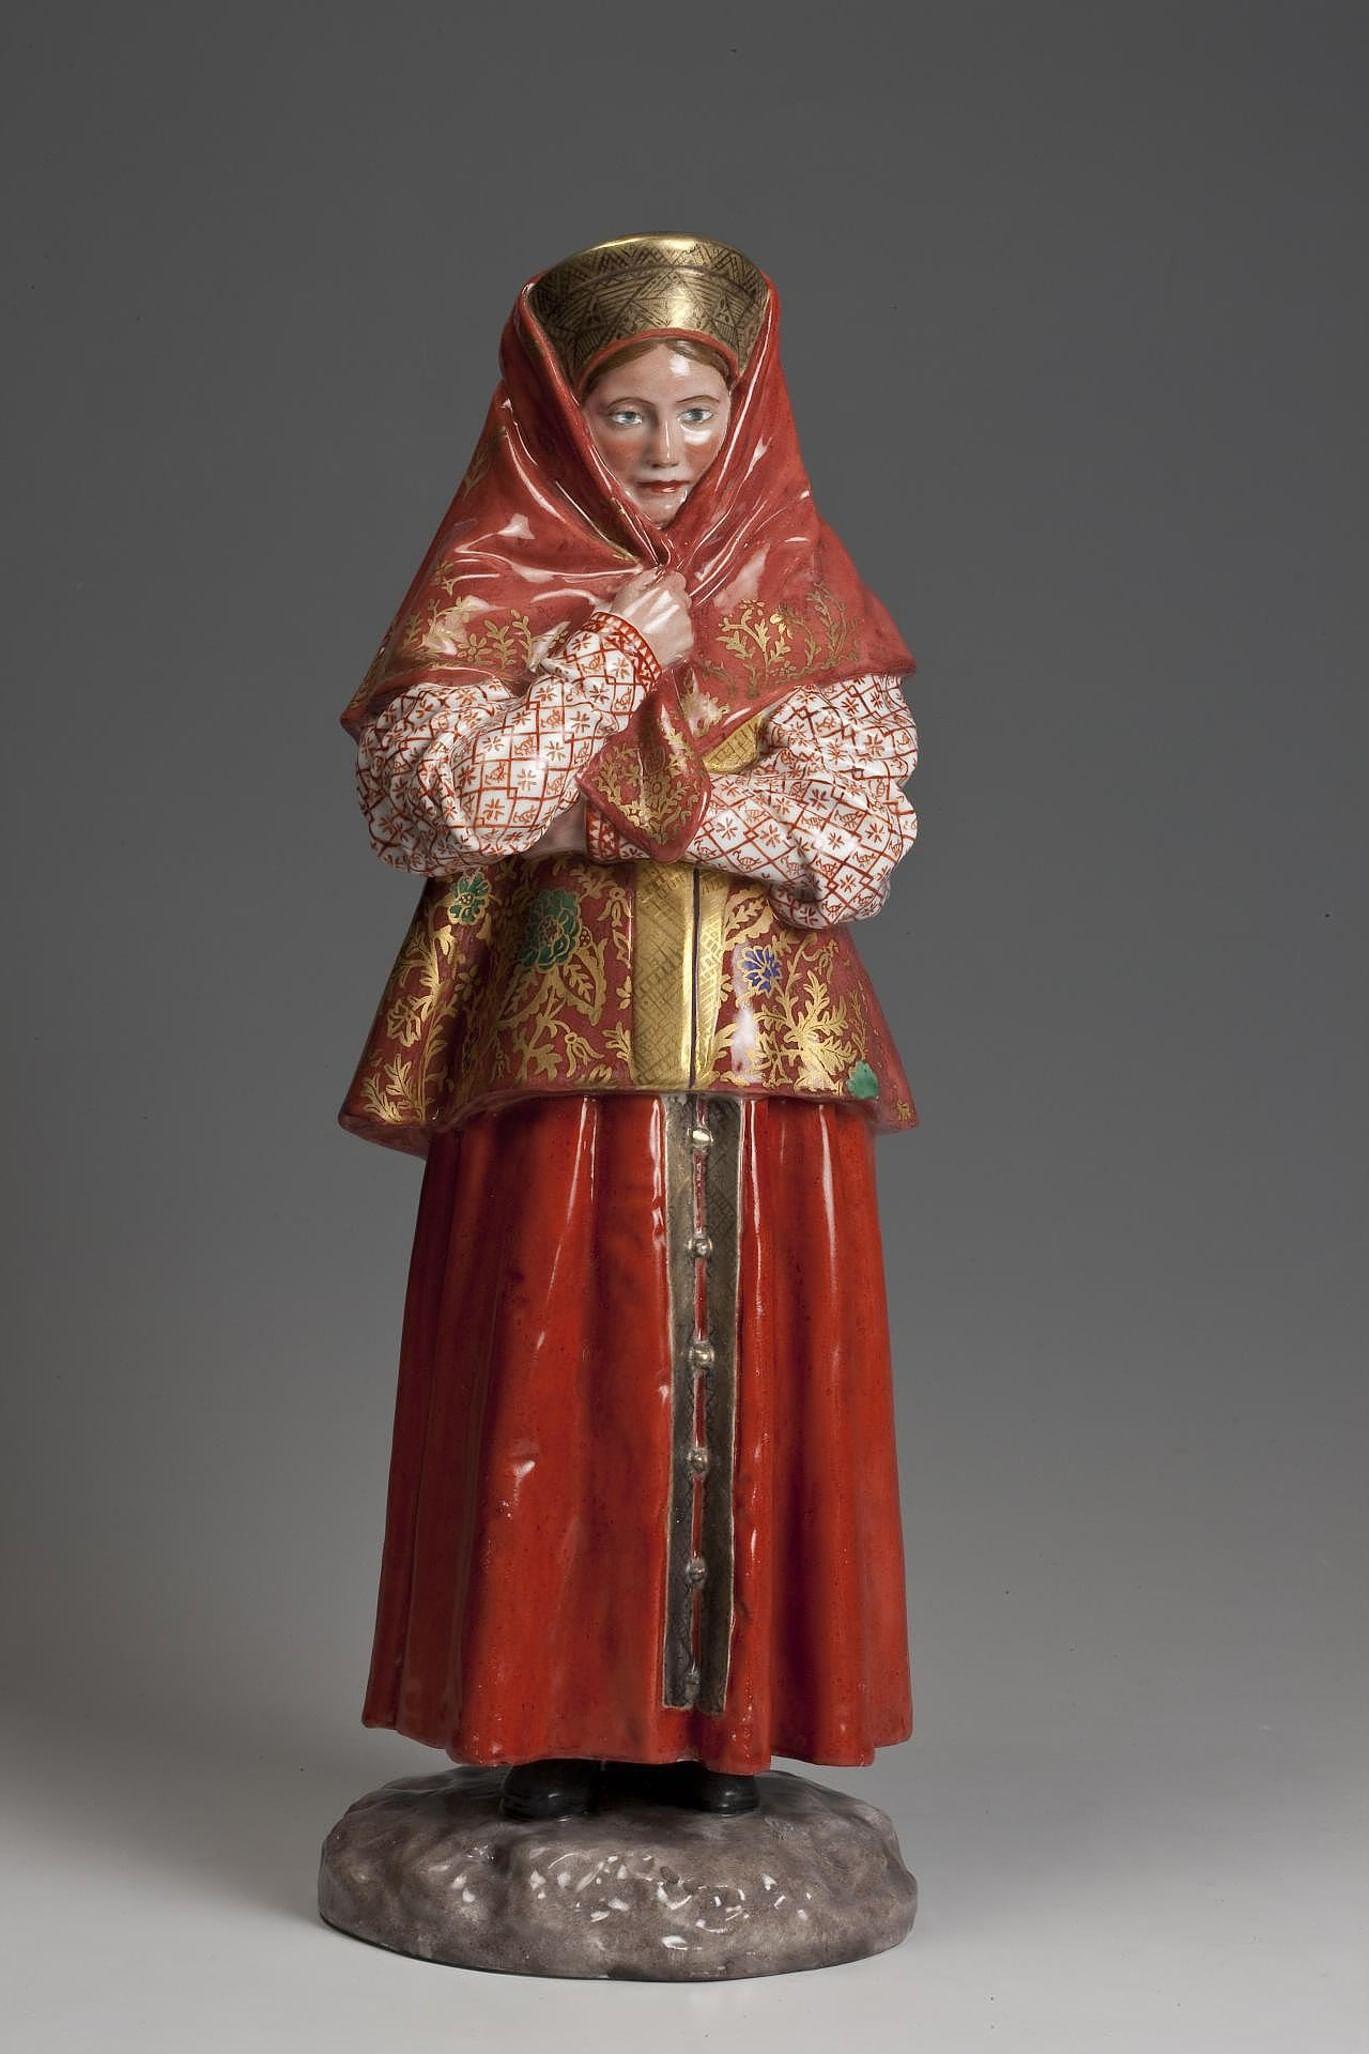 Российские музеи вошли в крупнейшую онлайн-коллекцию об истории моды. Галерея 1